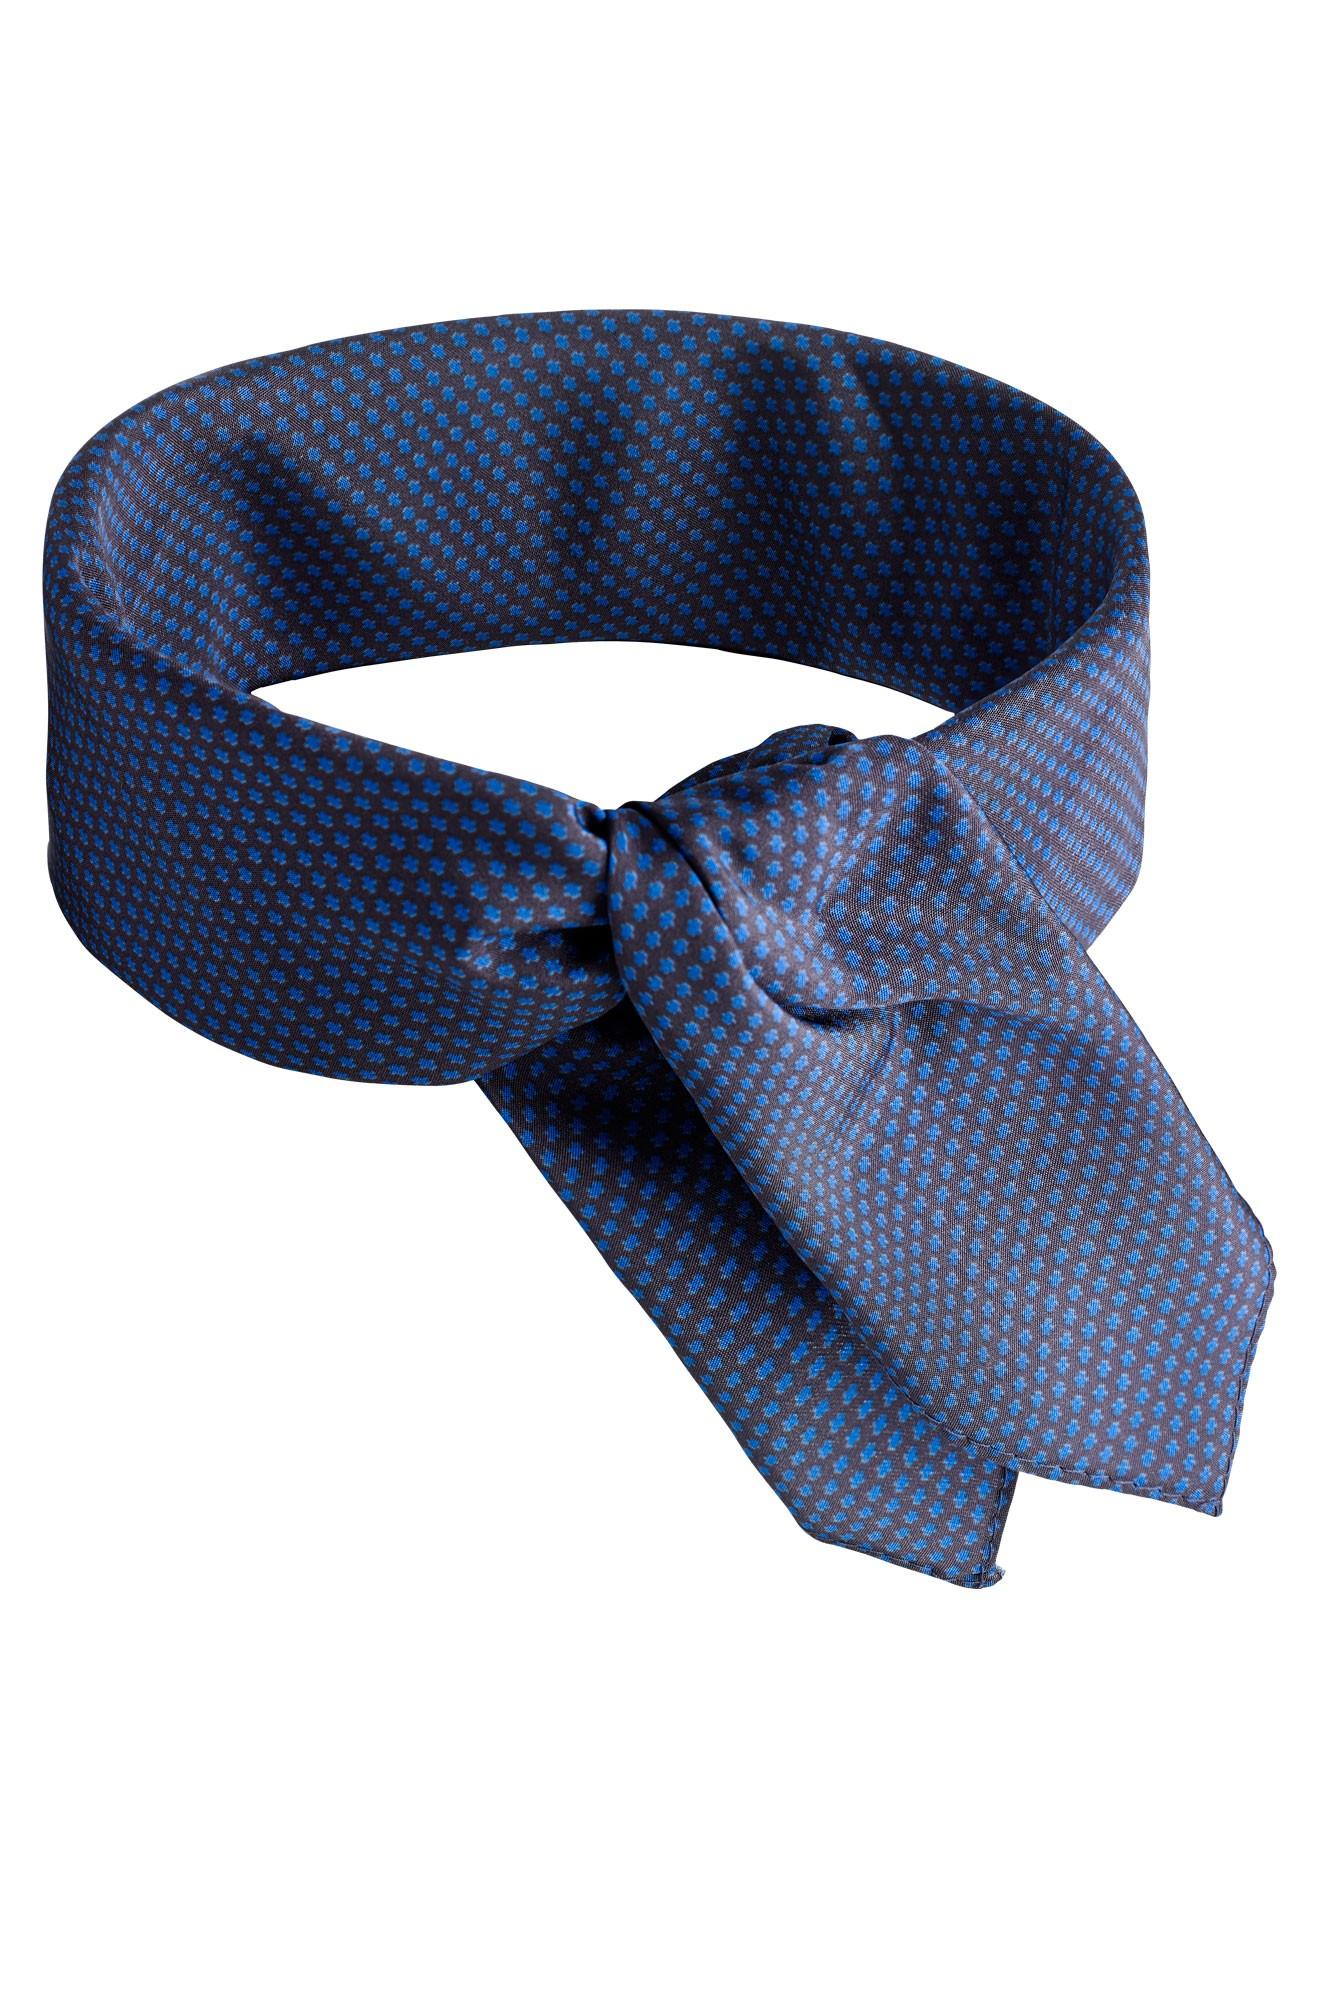 Šátek Karo - modrý